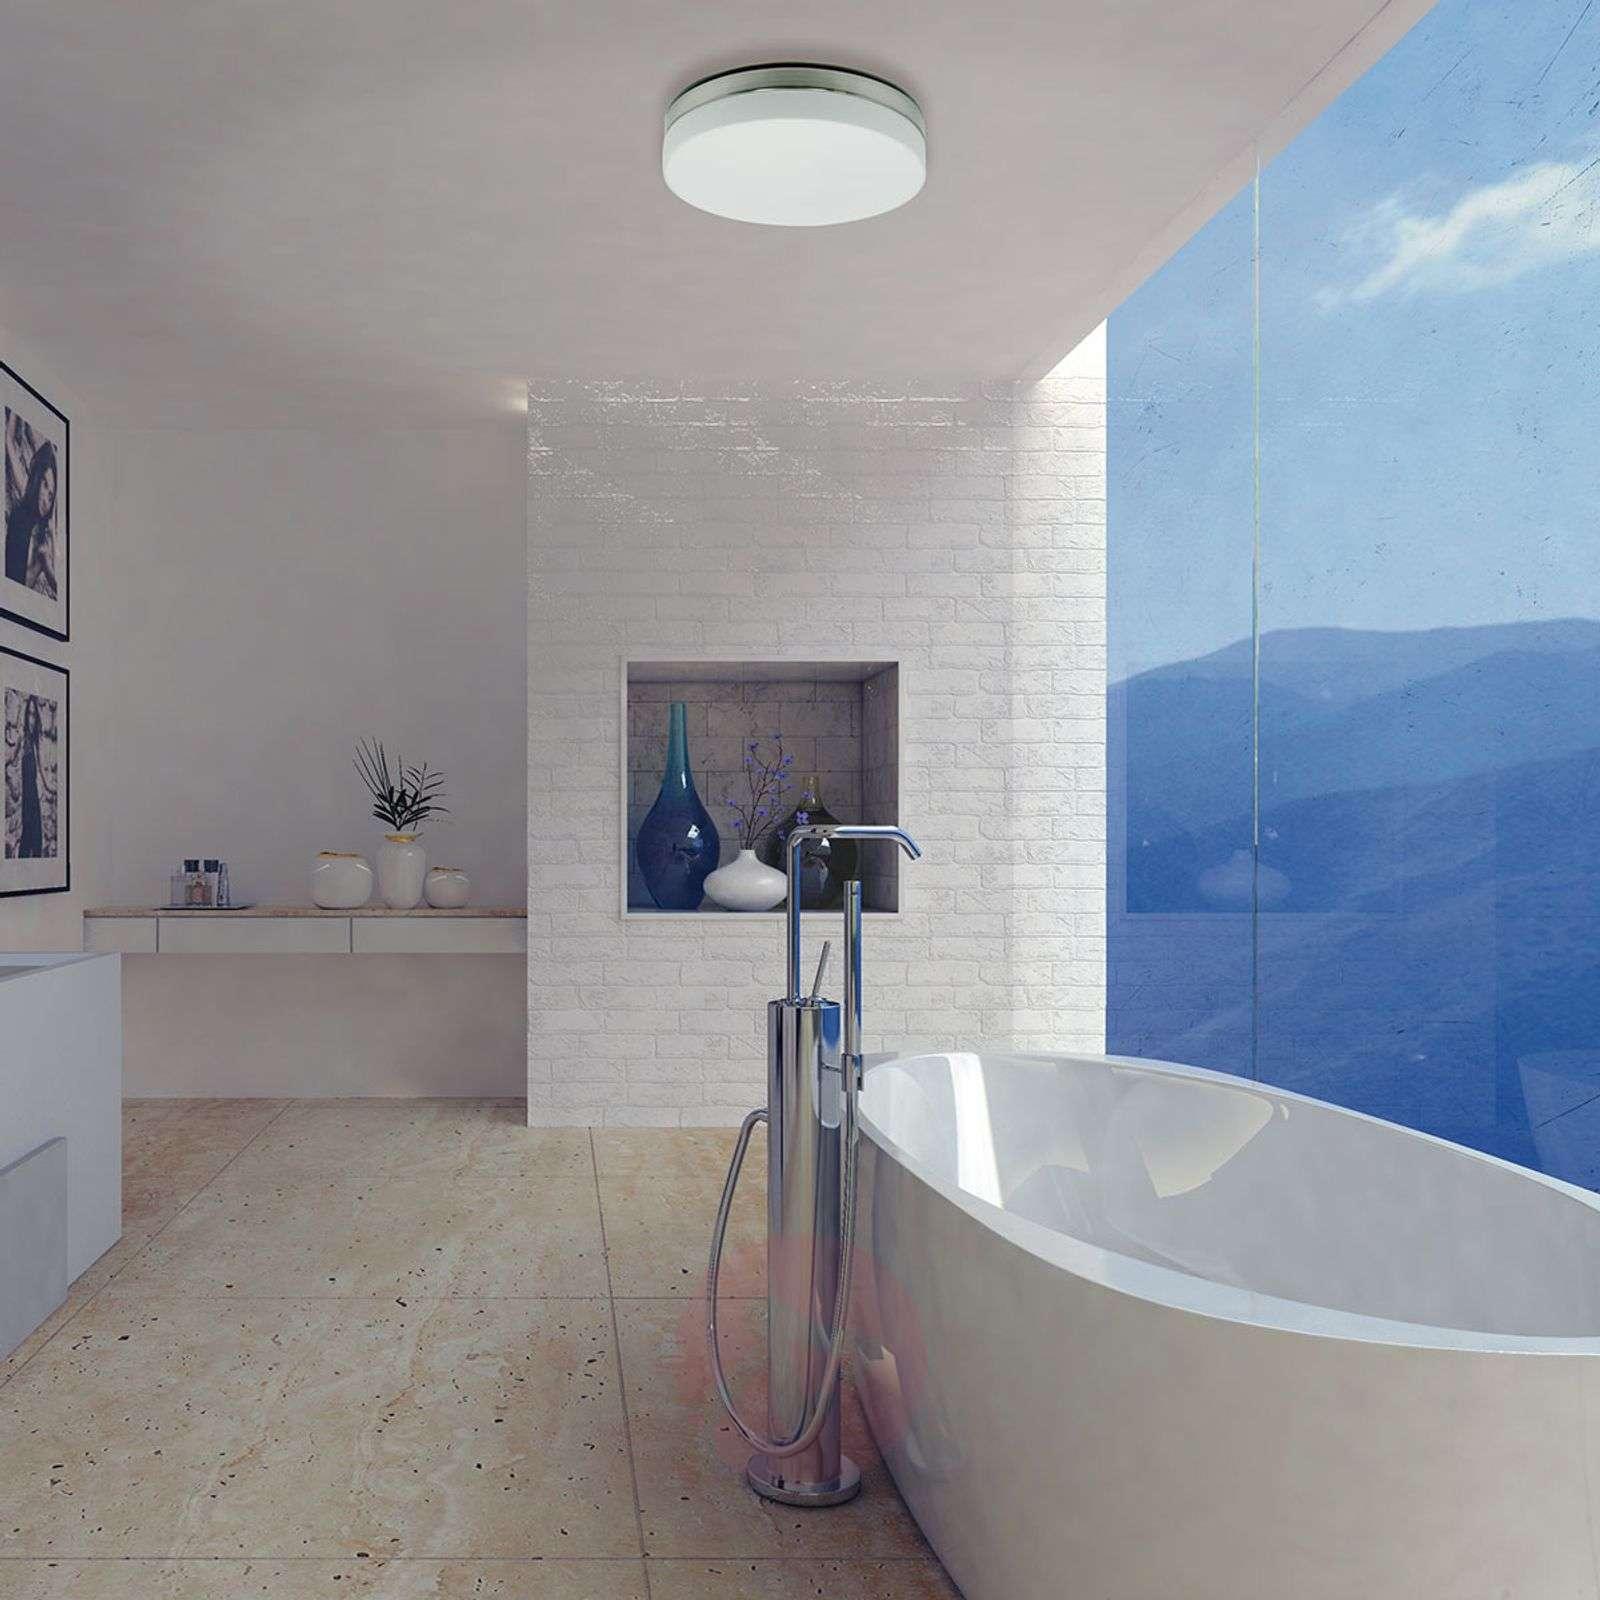 Dimmable LED bathroom ceiling light Babylon 30 cm-8509762-01